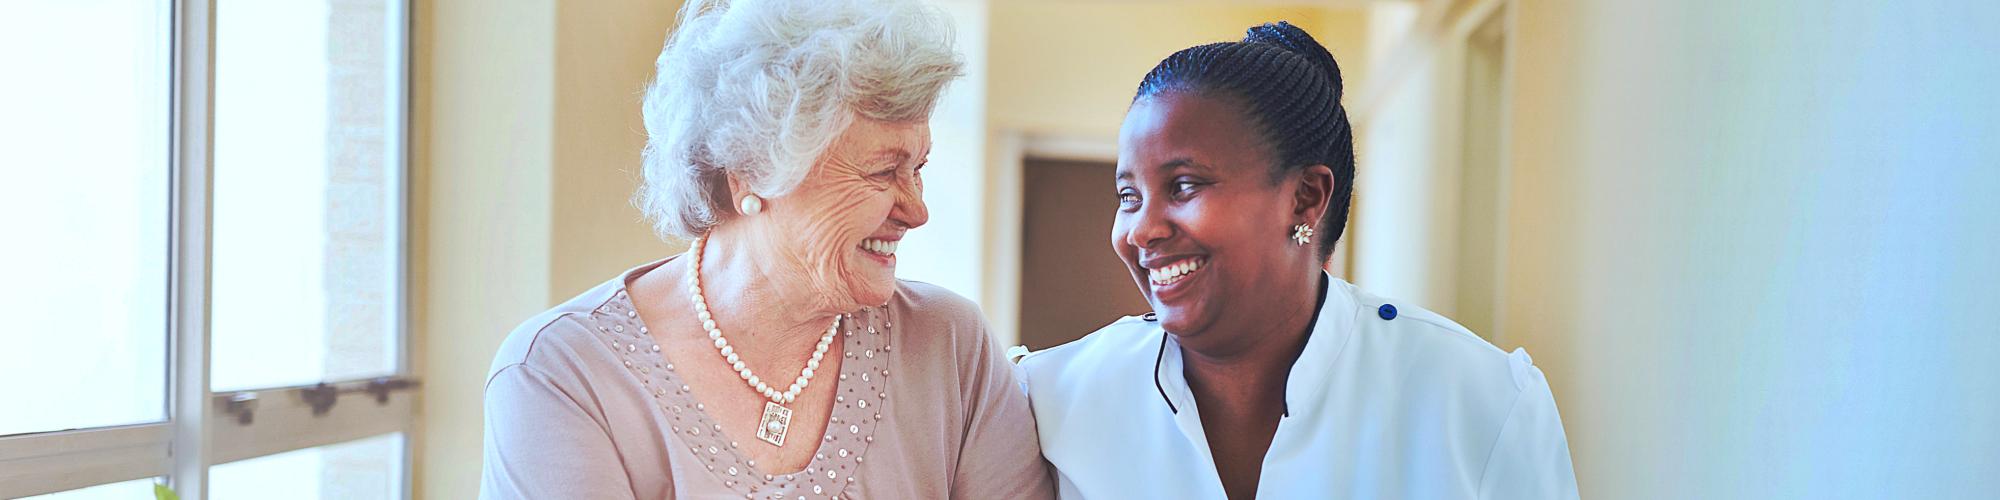 caregiver and a senior smiling